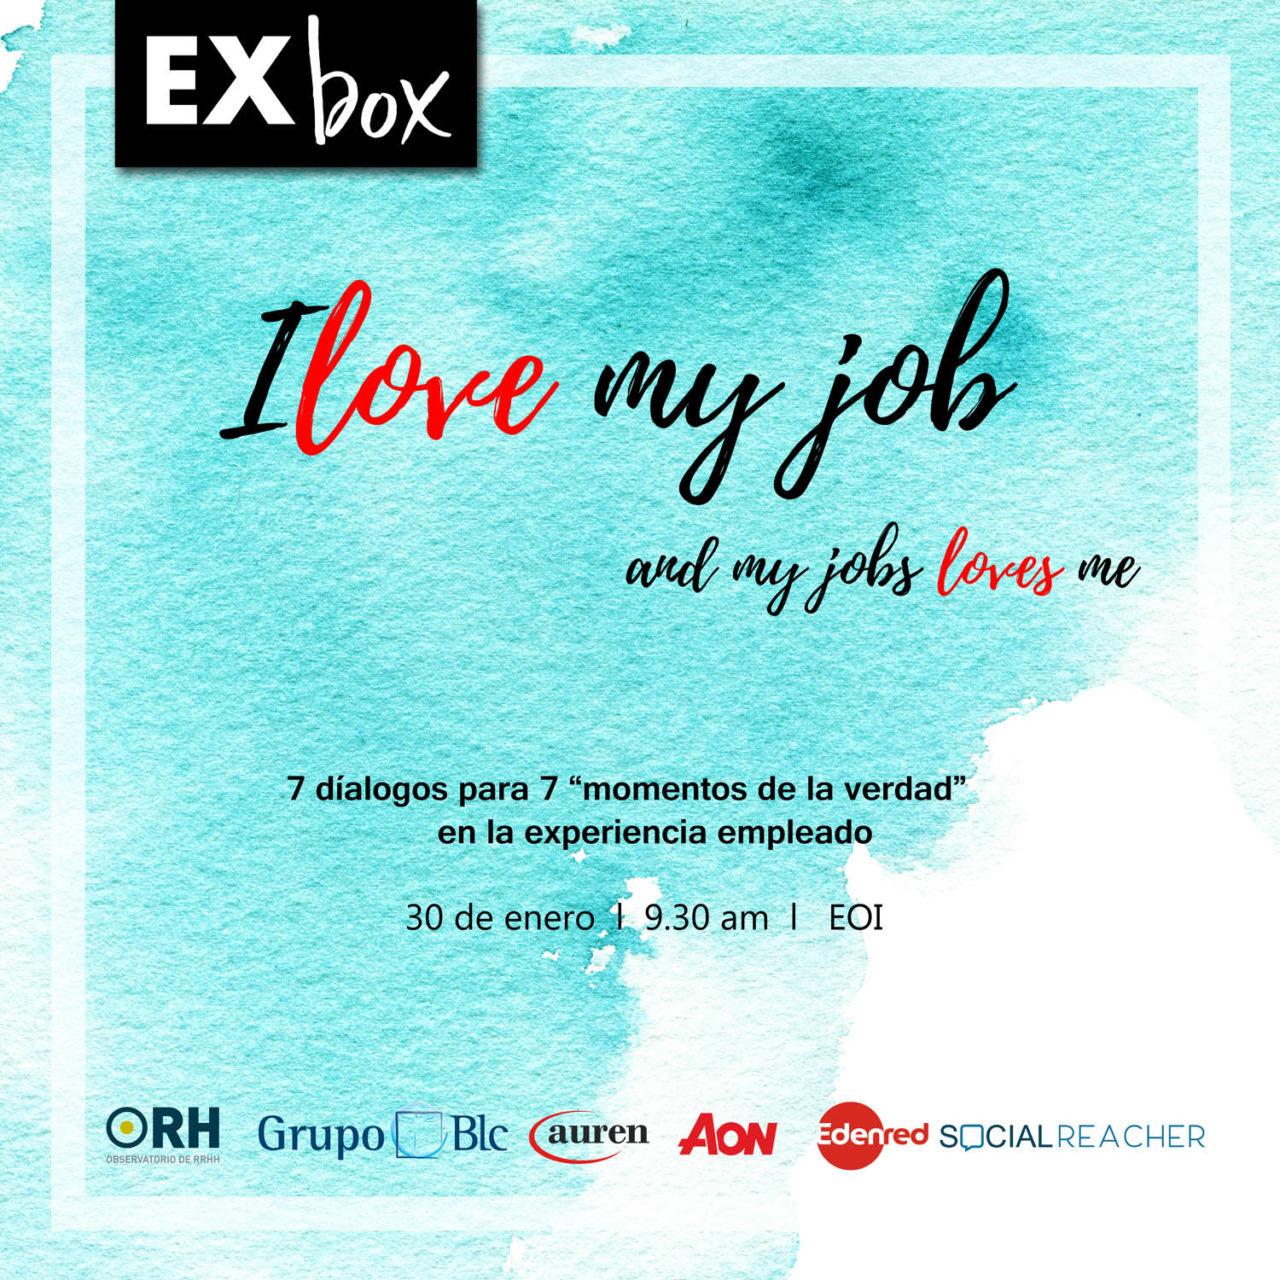 EXBOX-oki-1280x1280.jpg